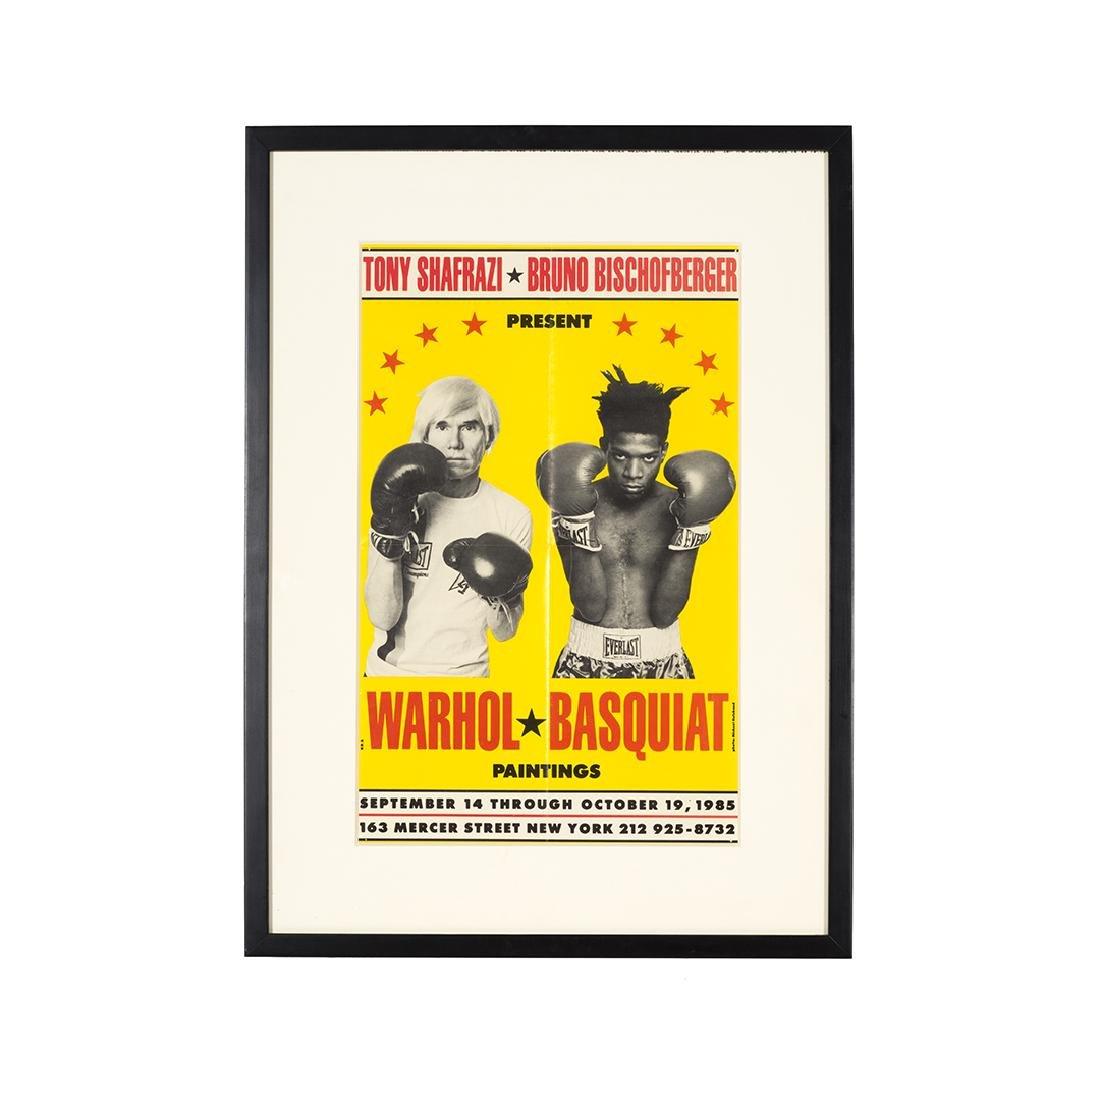 Warhol Basquiat Exhibition Poster